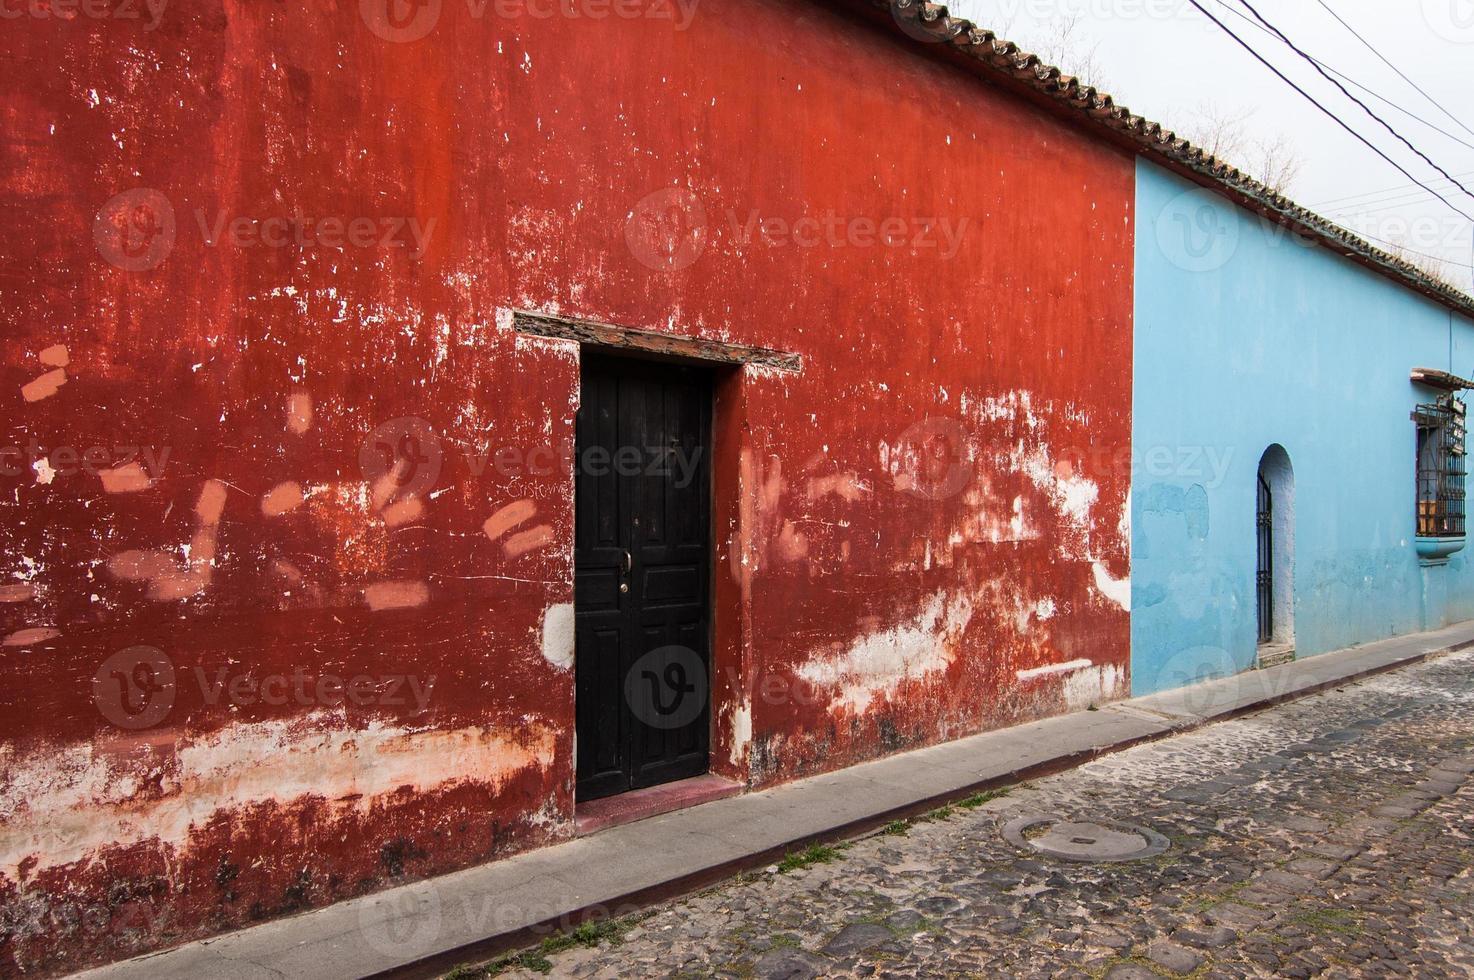 casas pintadas coloridas em antigua, guatemala foto